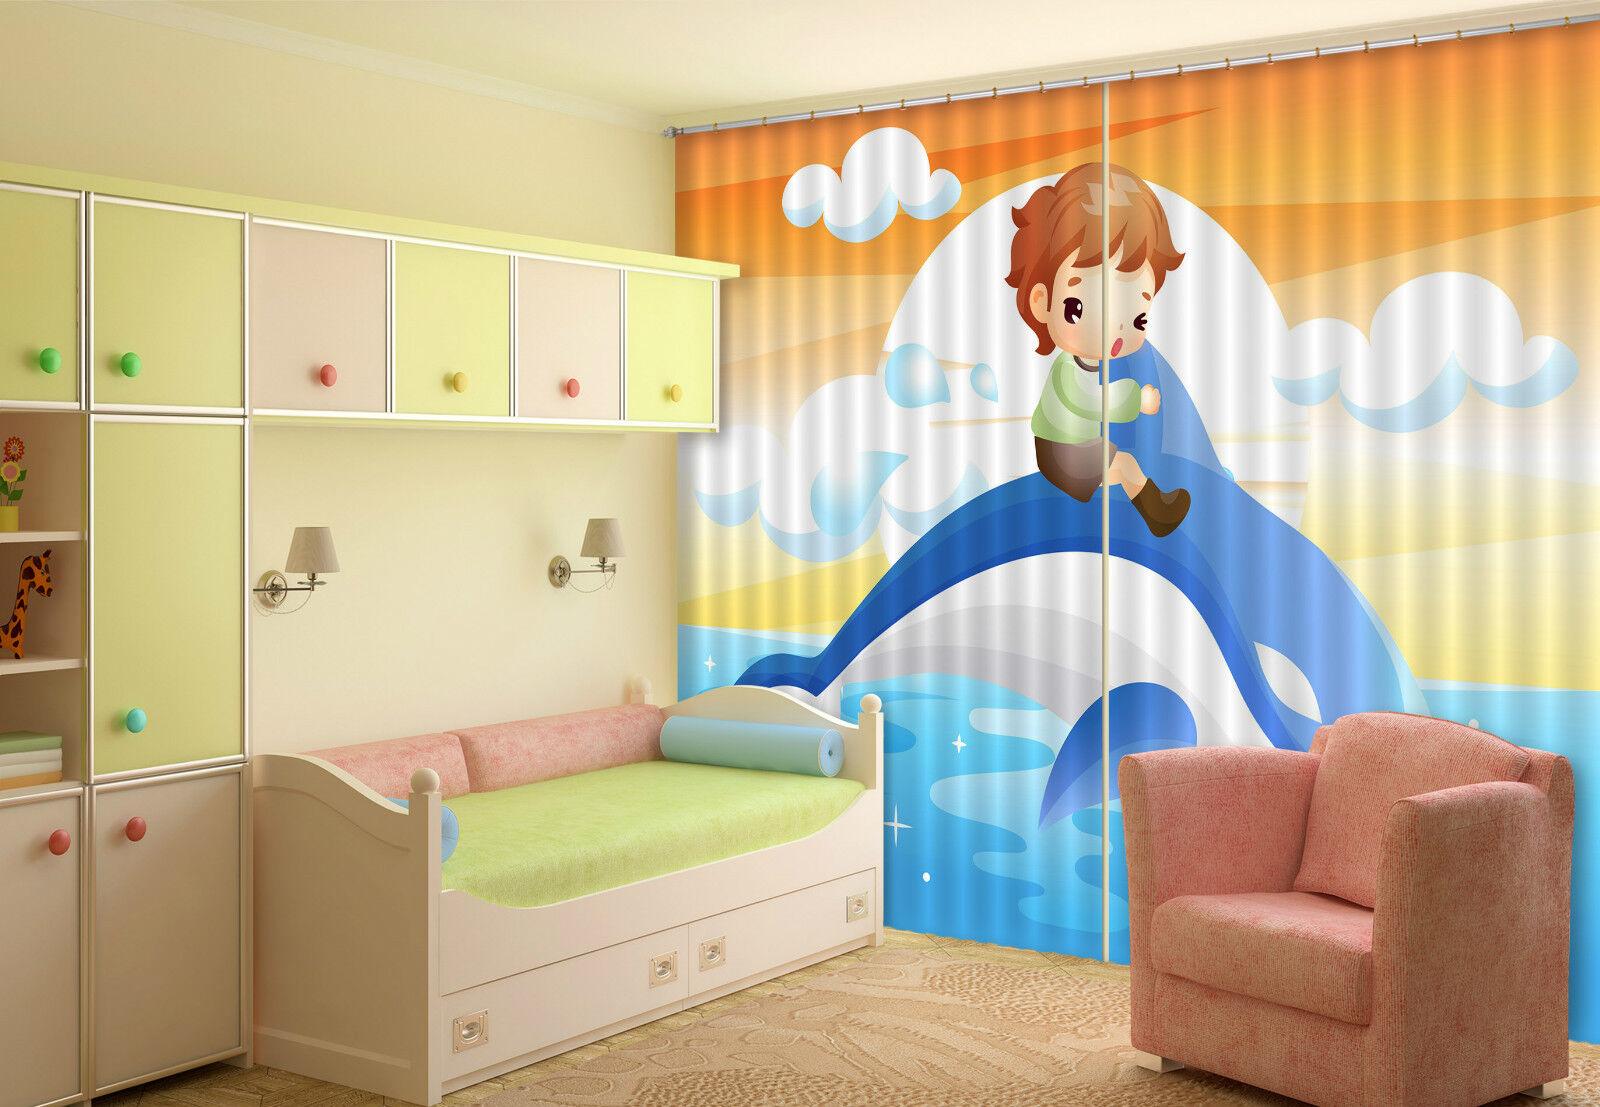 3d nuvola per bambini 353 blocco foto sipario pressione sipario tende tessuto finestra de